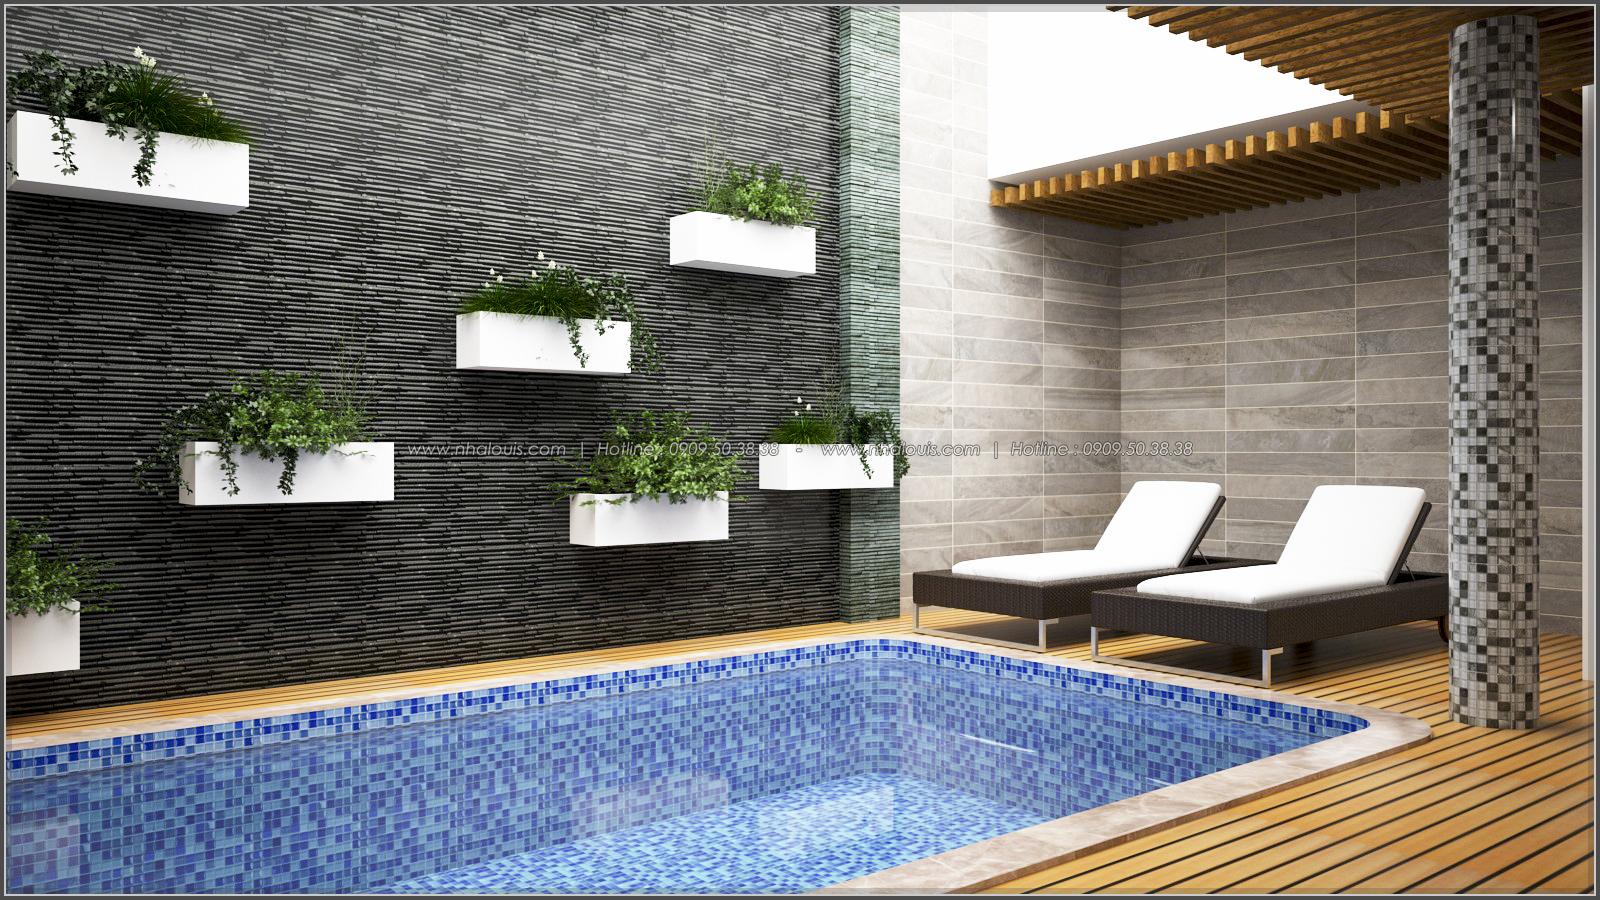 Thiết kế biệt thự có hồ bơi trong nhà ấn tượng tại quận Tân Bình - 8